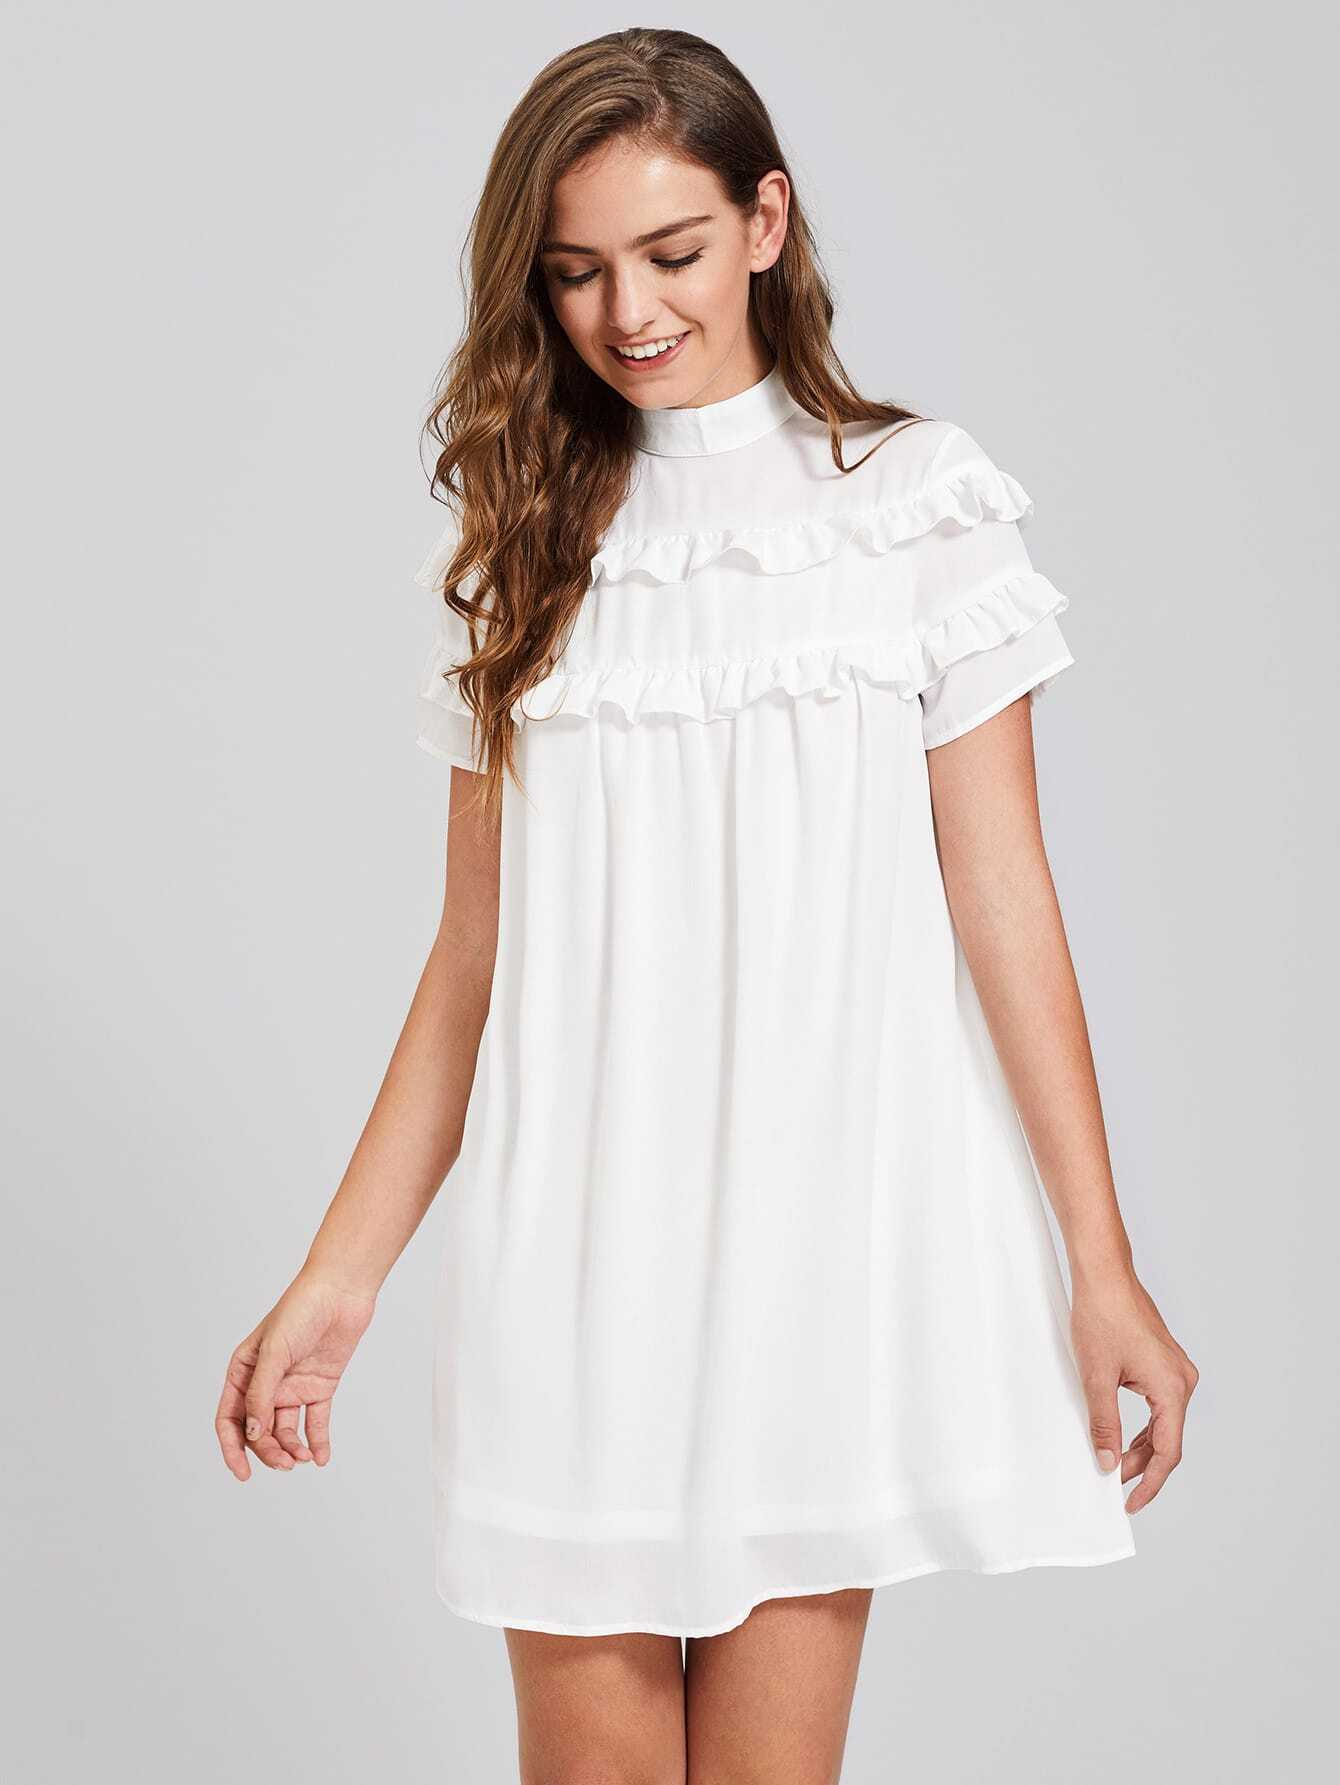 Band Collar Frill Detail Dress dress170710452